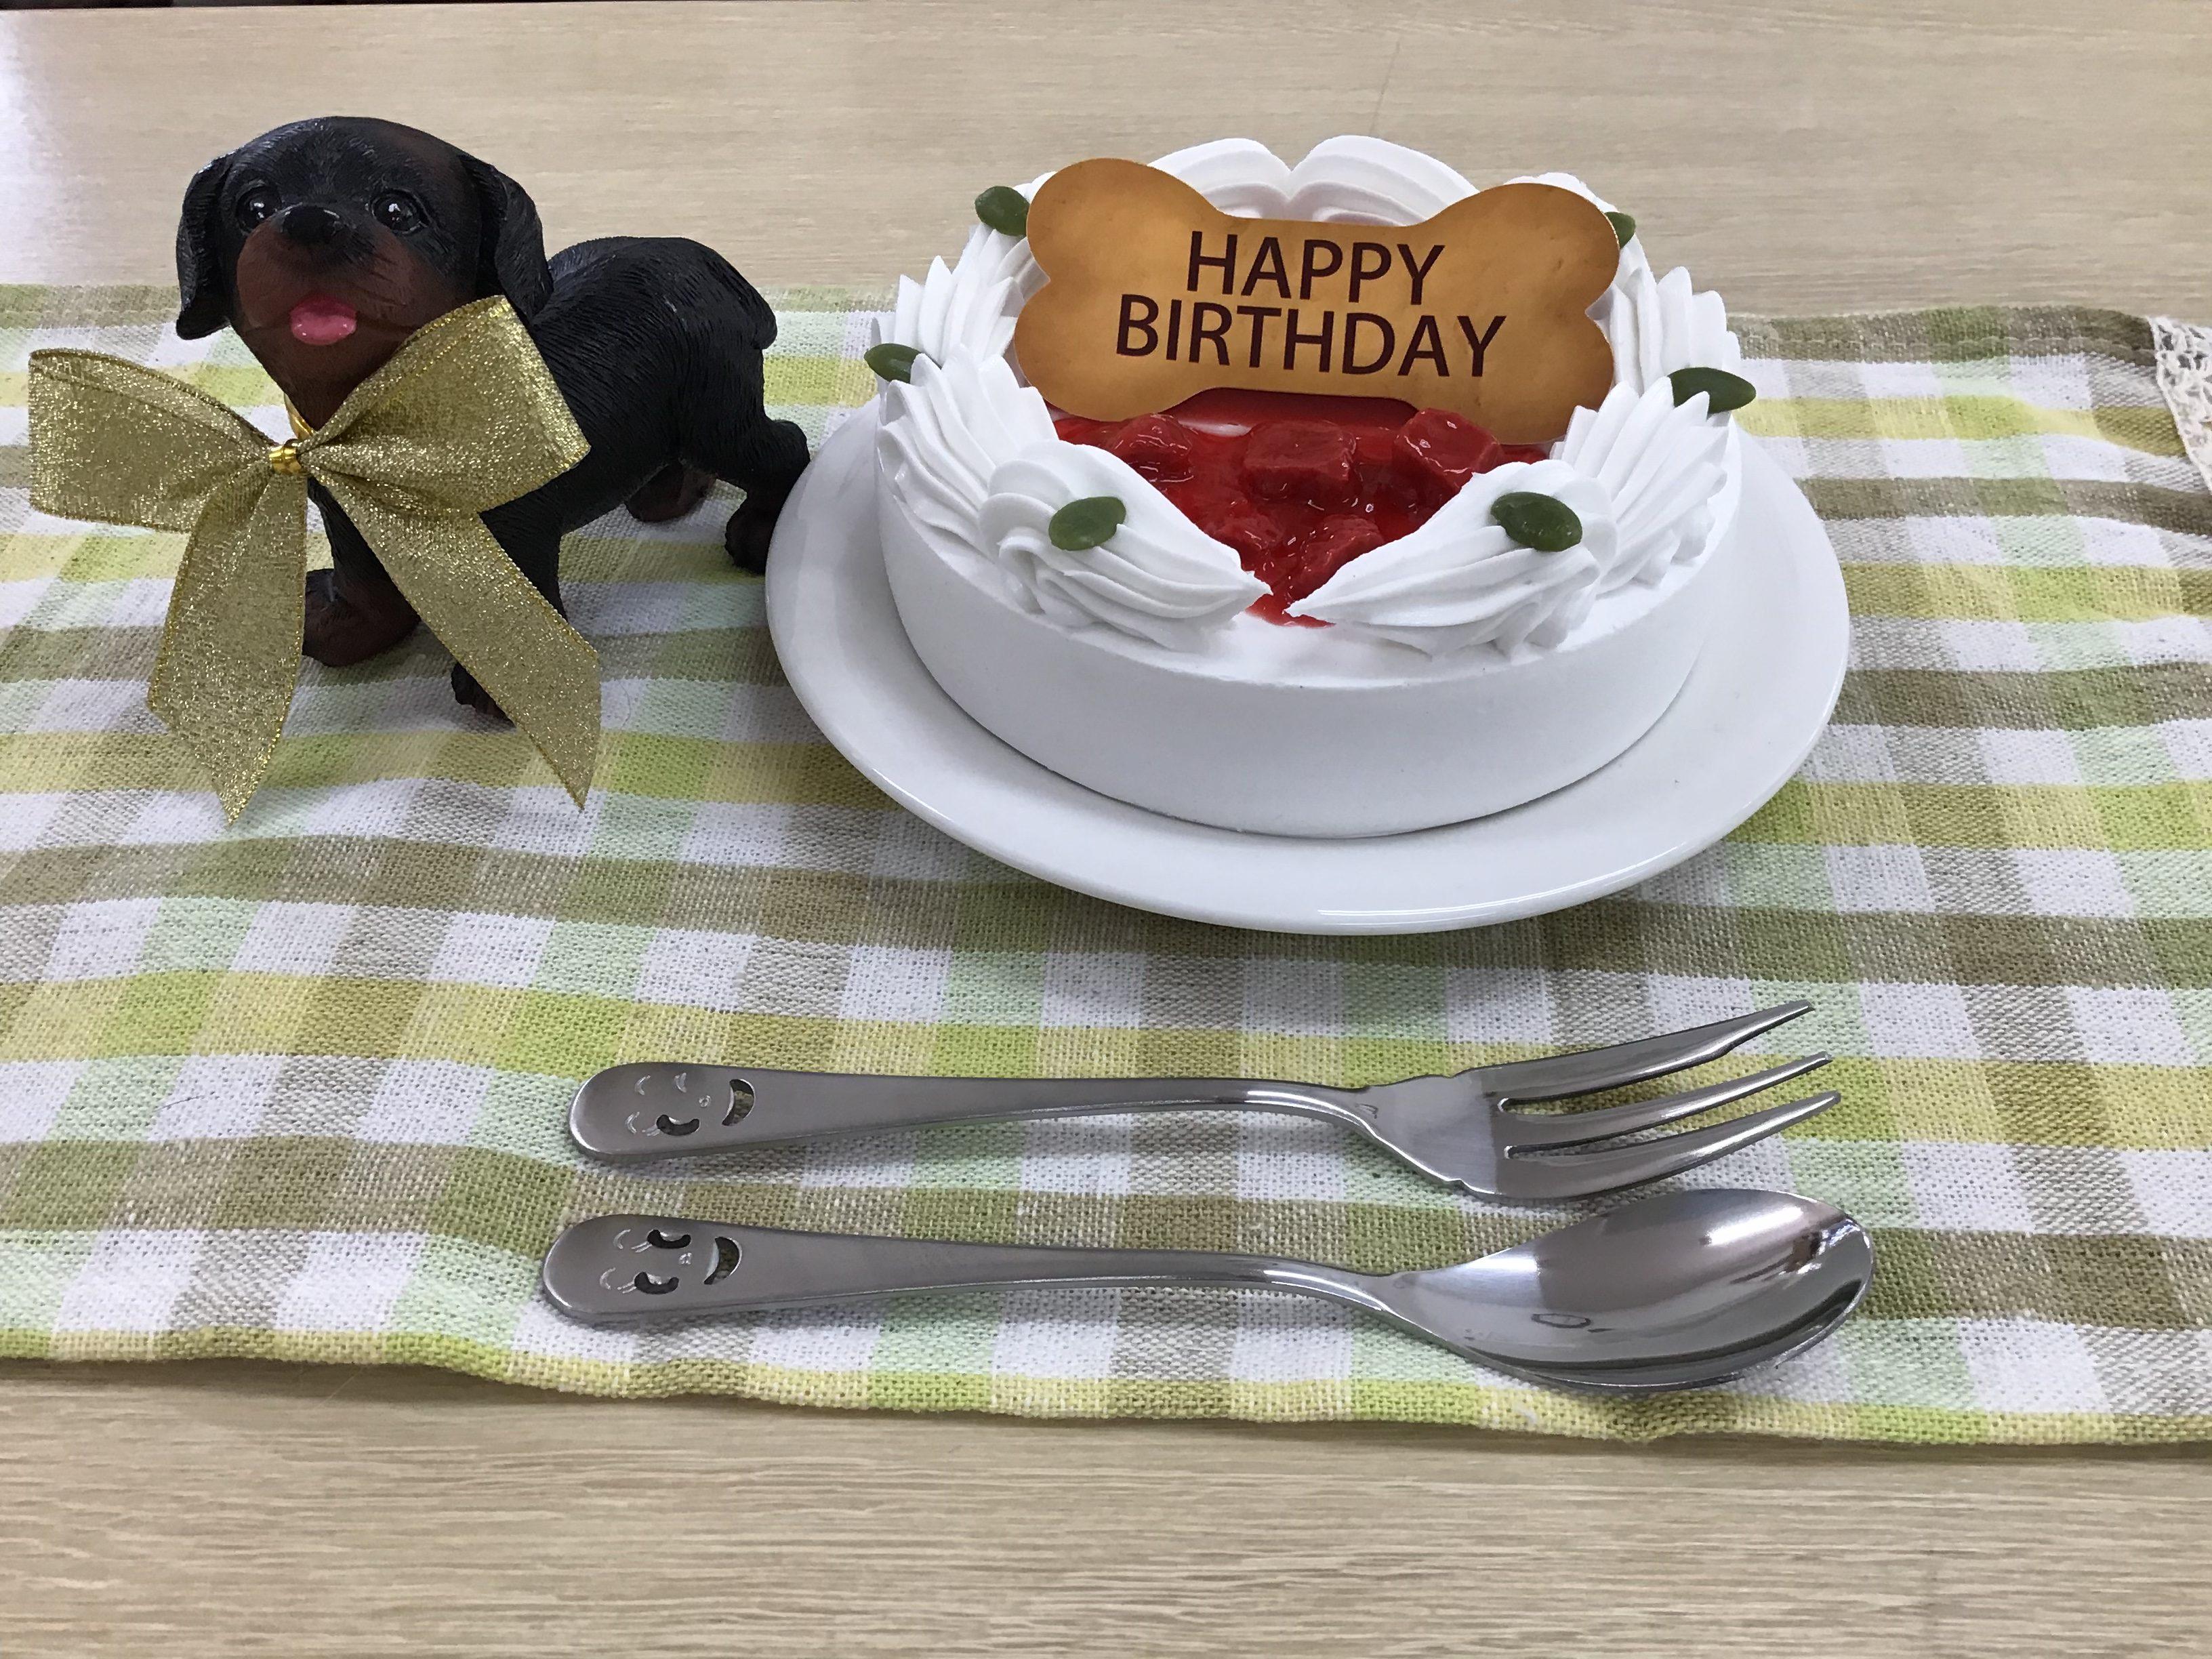 かわいいケーキをペットと一緒に♪